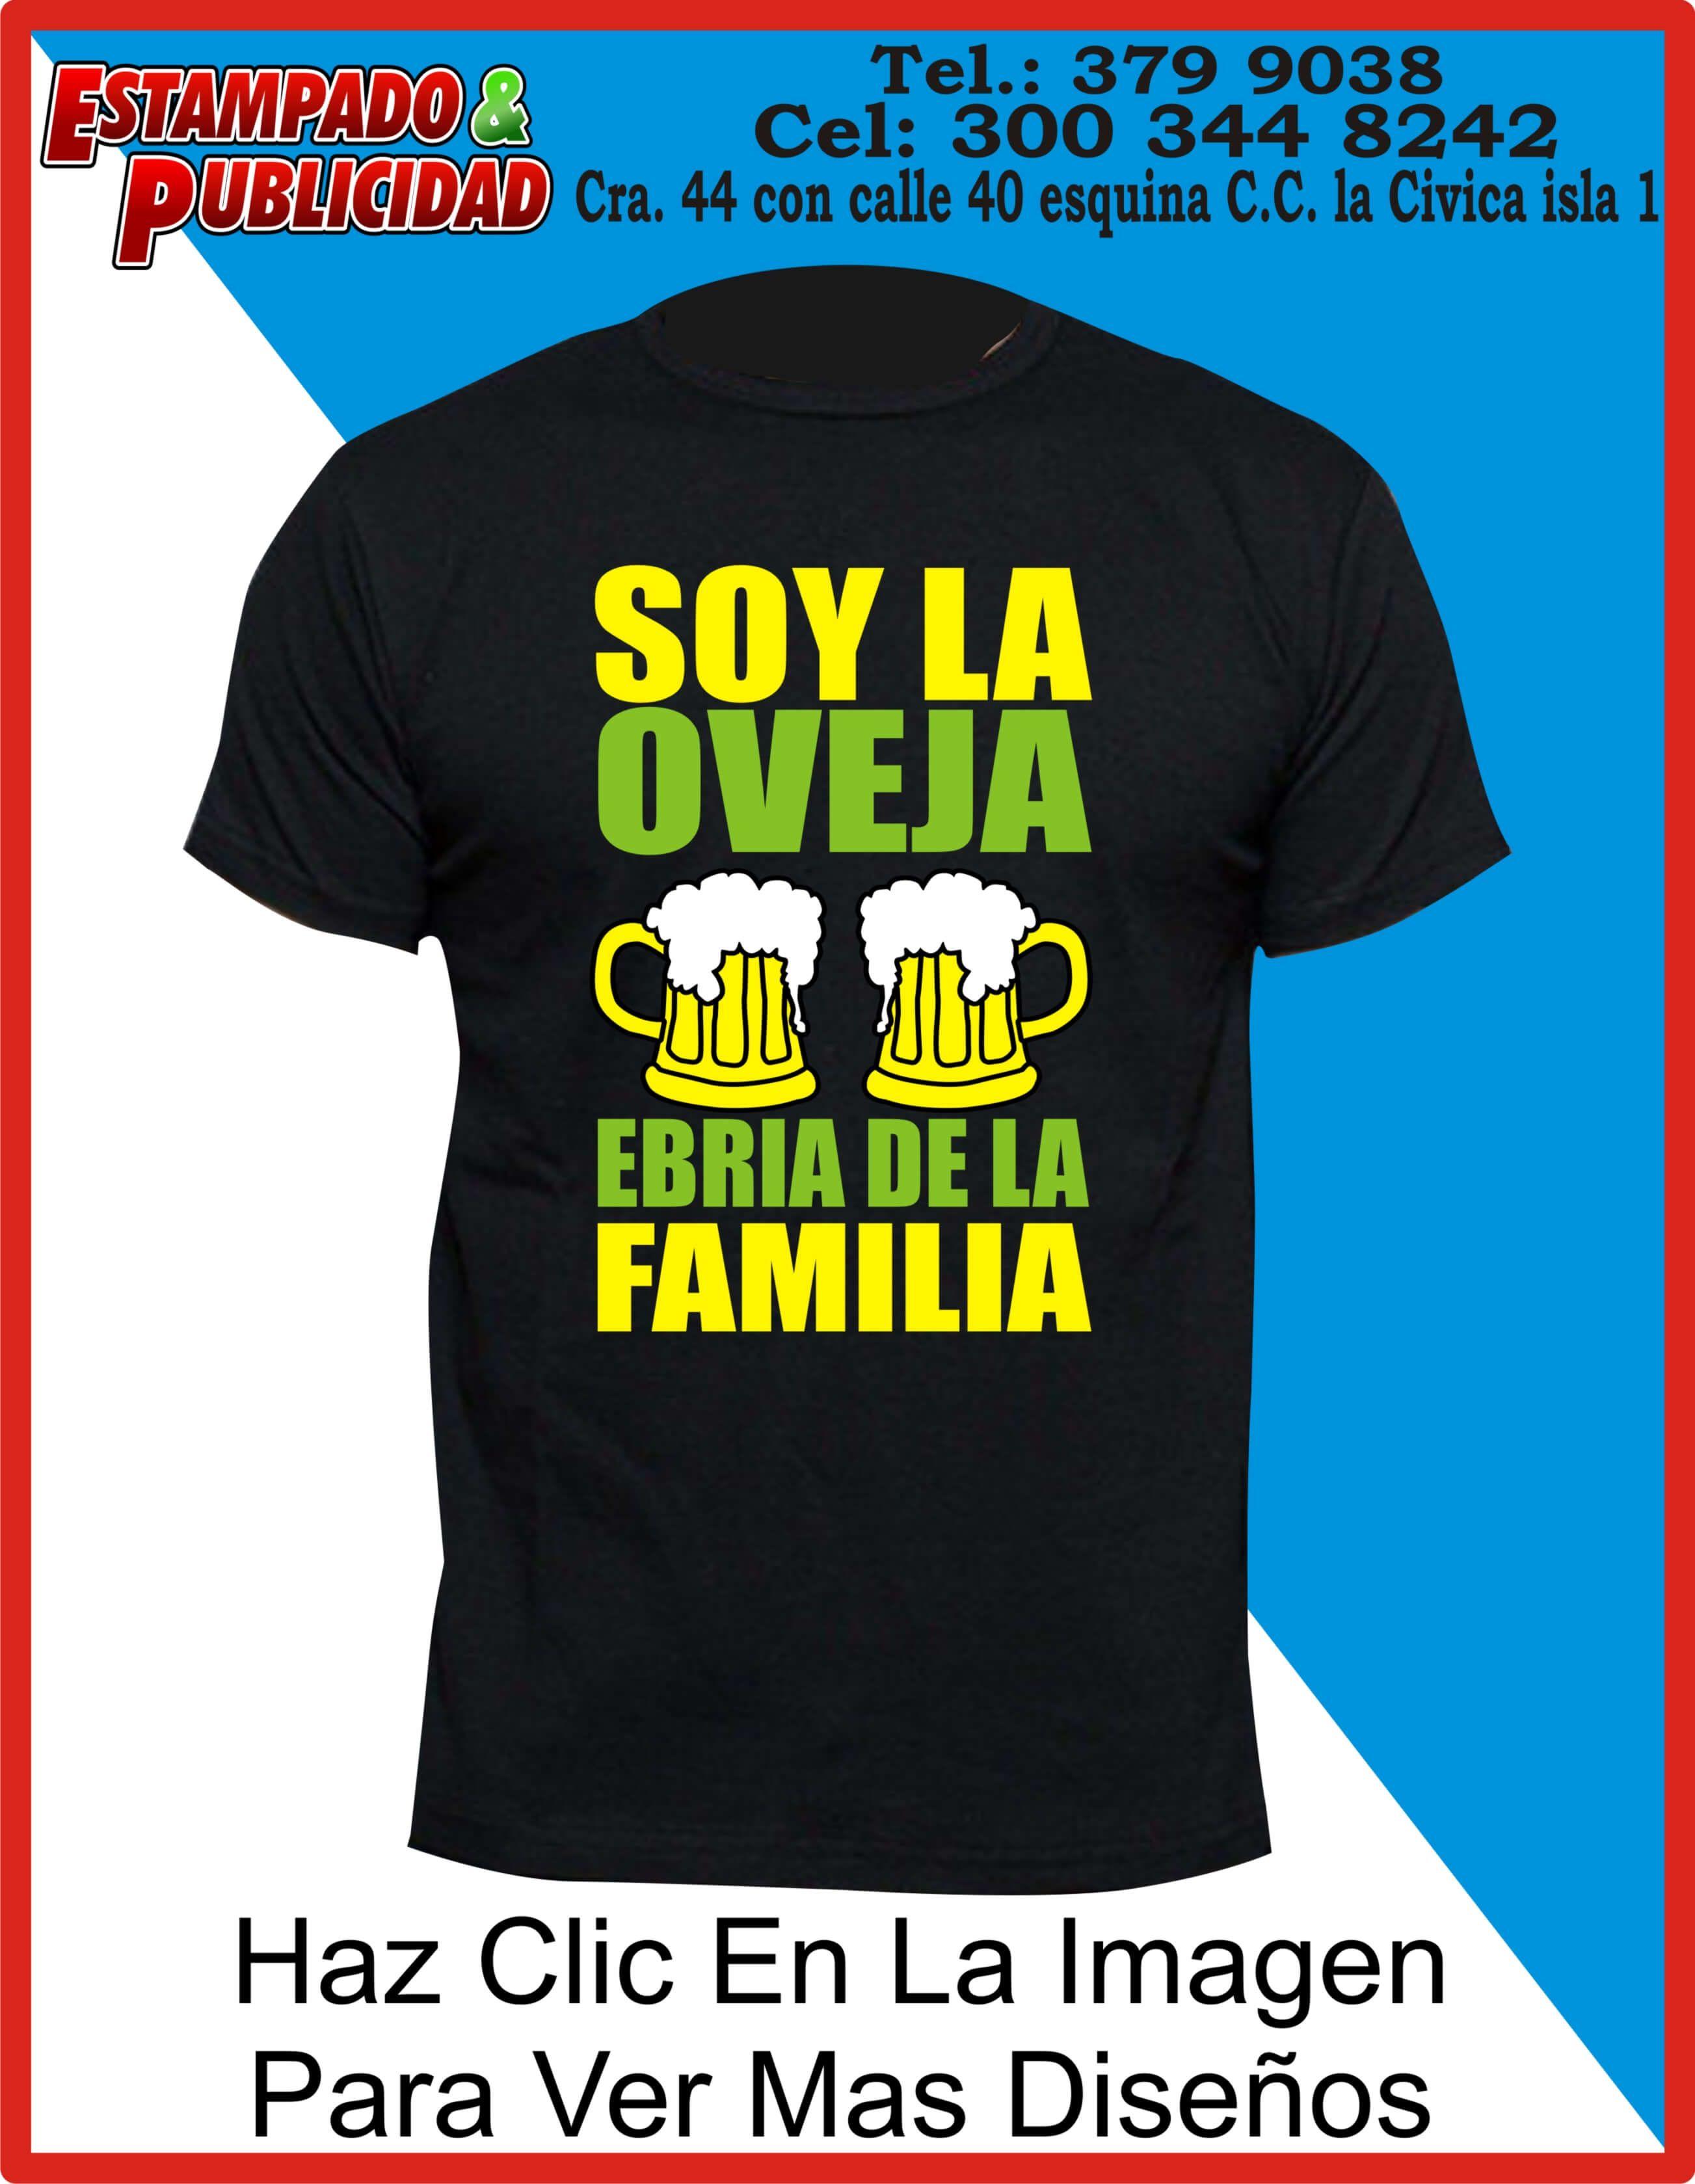 Ser diferente Divertido Eslogan Camiseta Camiseta Para Hombre Ideal Regalo De Cumpleaños